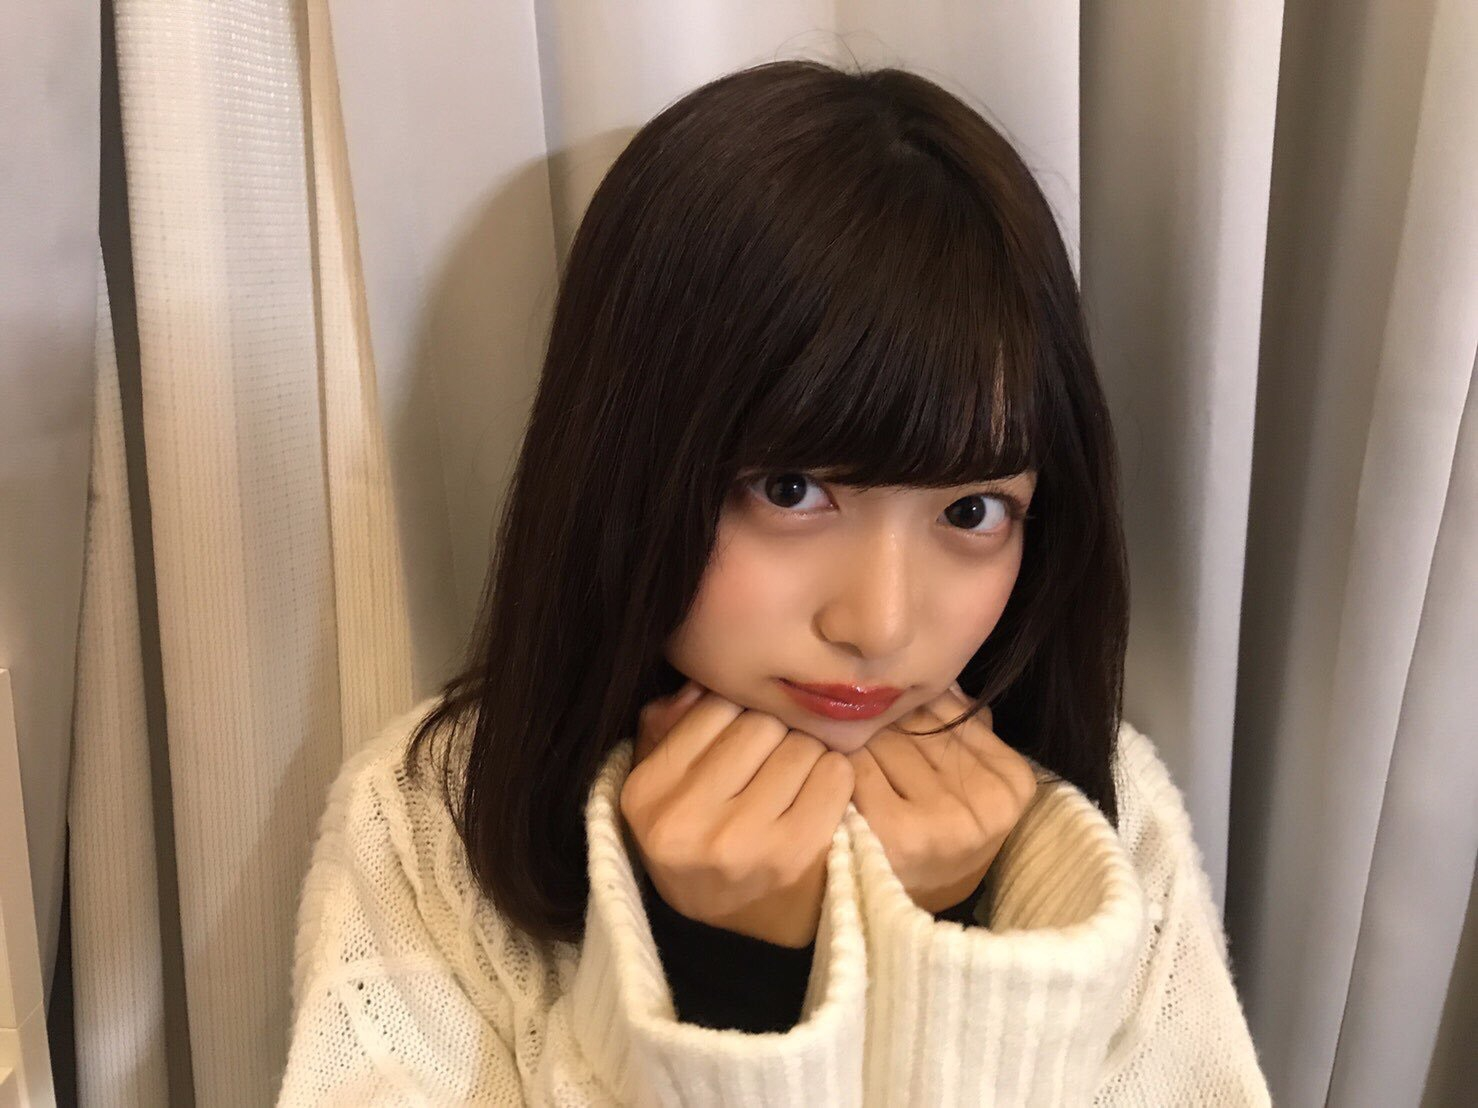 吉田莉桜 吉田莉桜さんのプロフィールは?日本一かわいい高校1年生に決定! | トレンドサーチャー